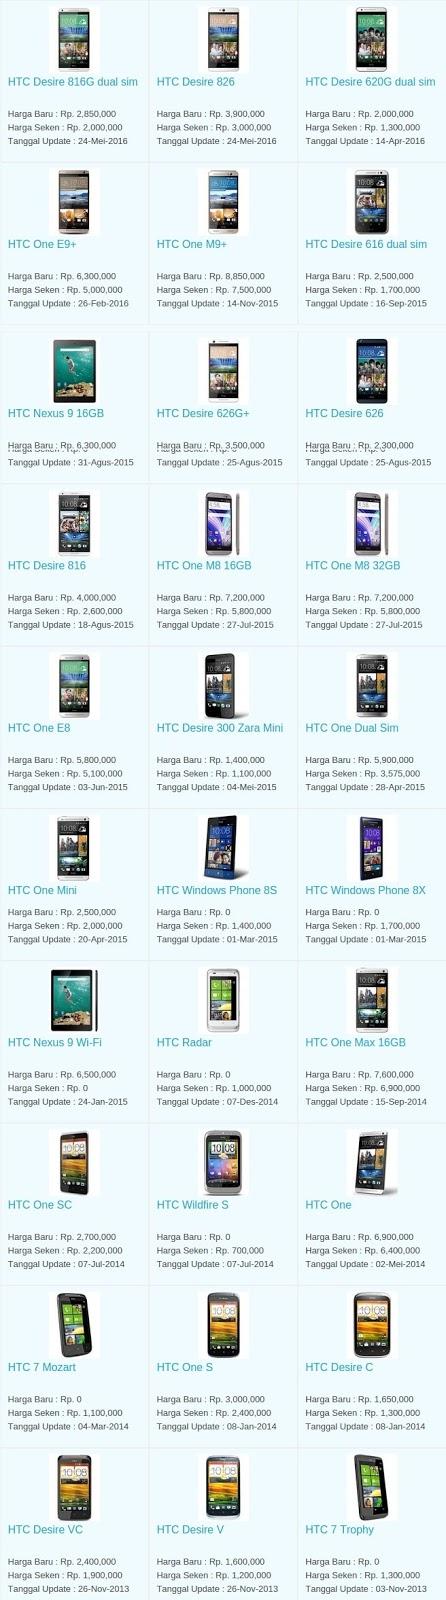 Daftar Harga Hp Terbaru HTC Juni 2016